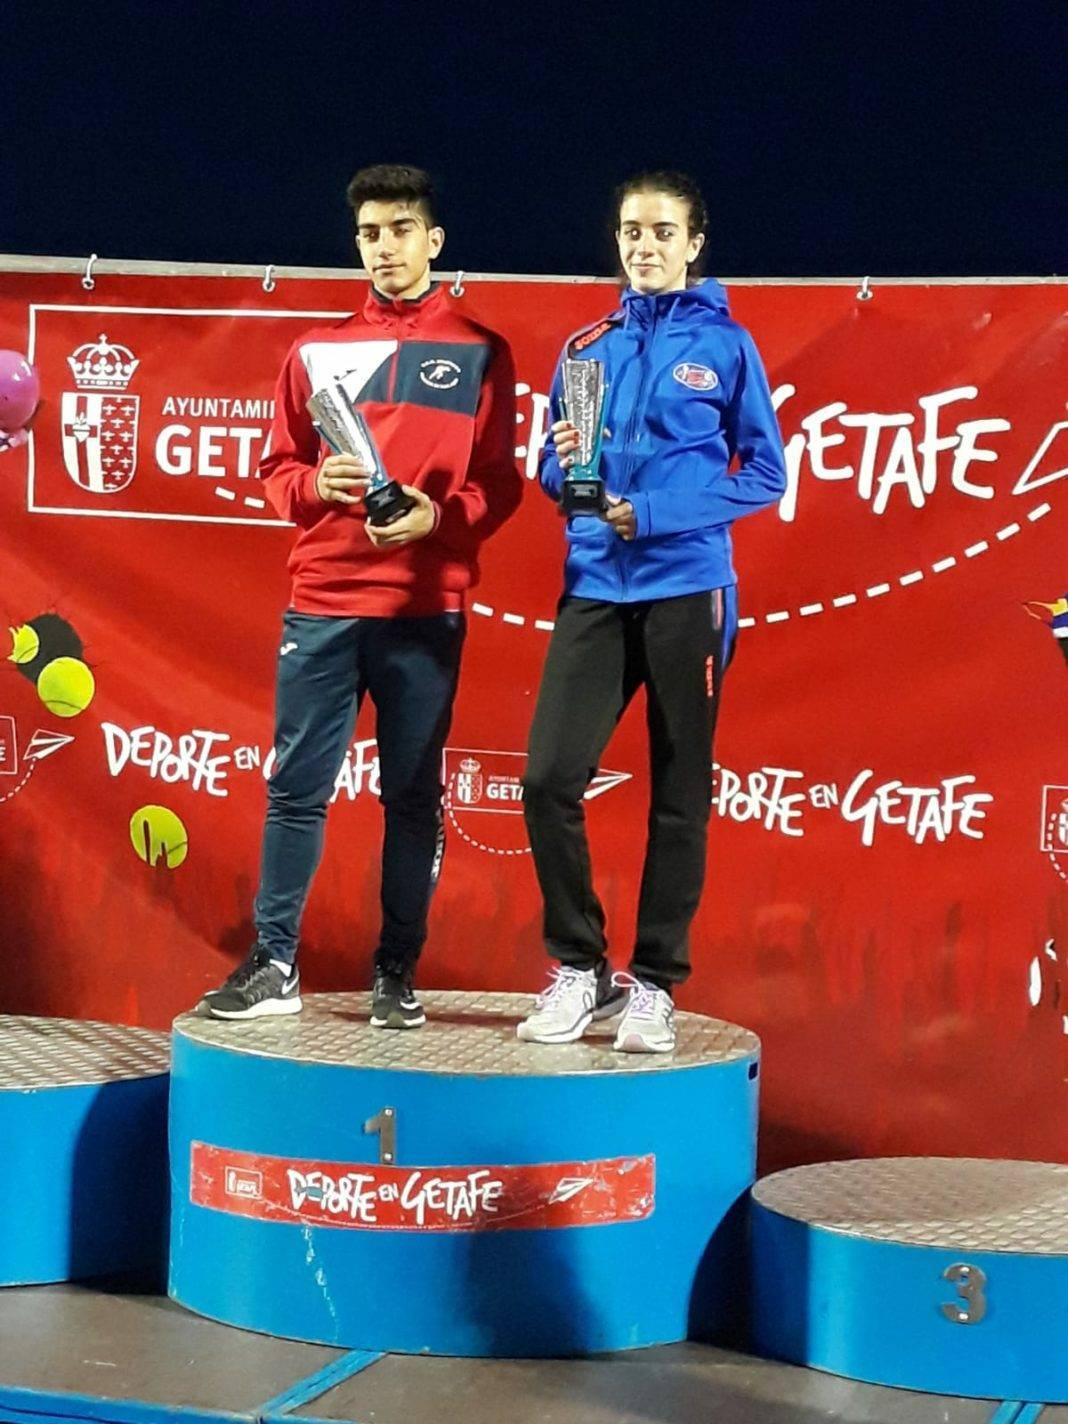 El atleta local Héctor Martín-Toledano ganador de la XXIX Carrera Popular Ciudad de Getafe 2